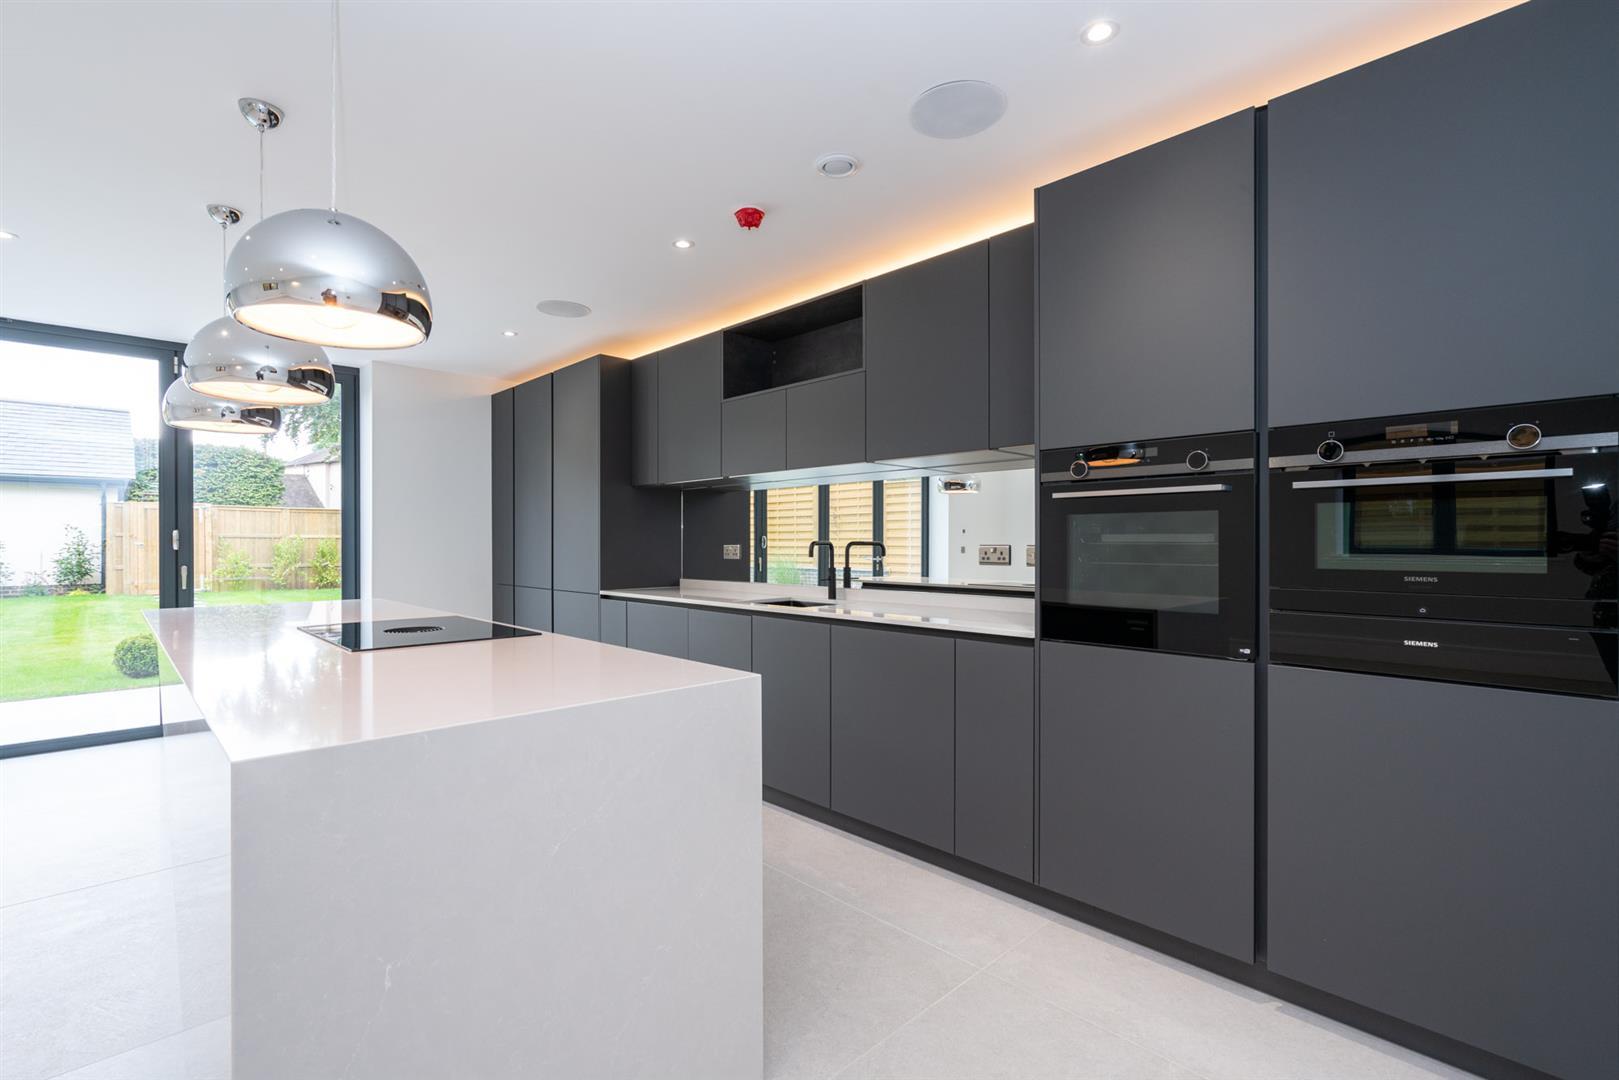 Hillcrest-3162 - kitchen 3.jpg